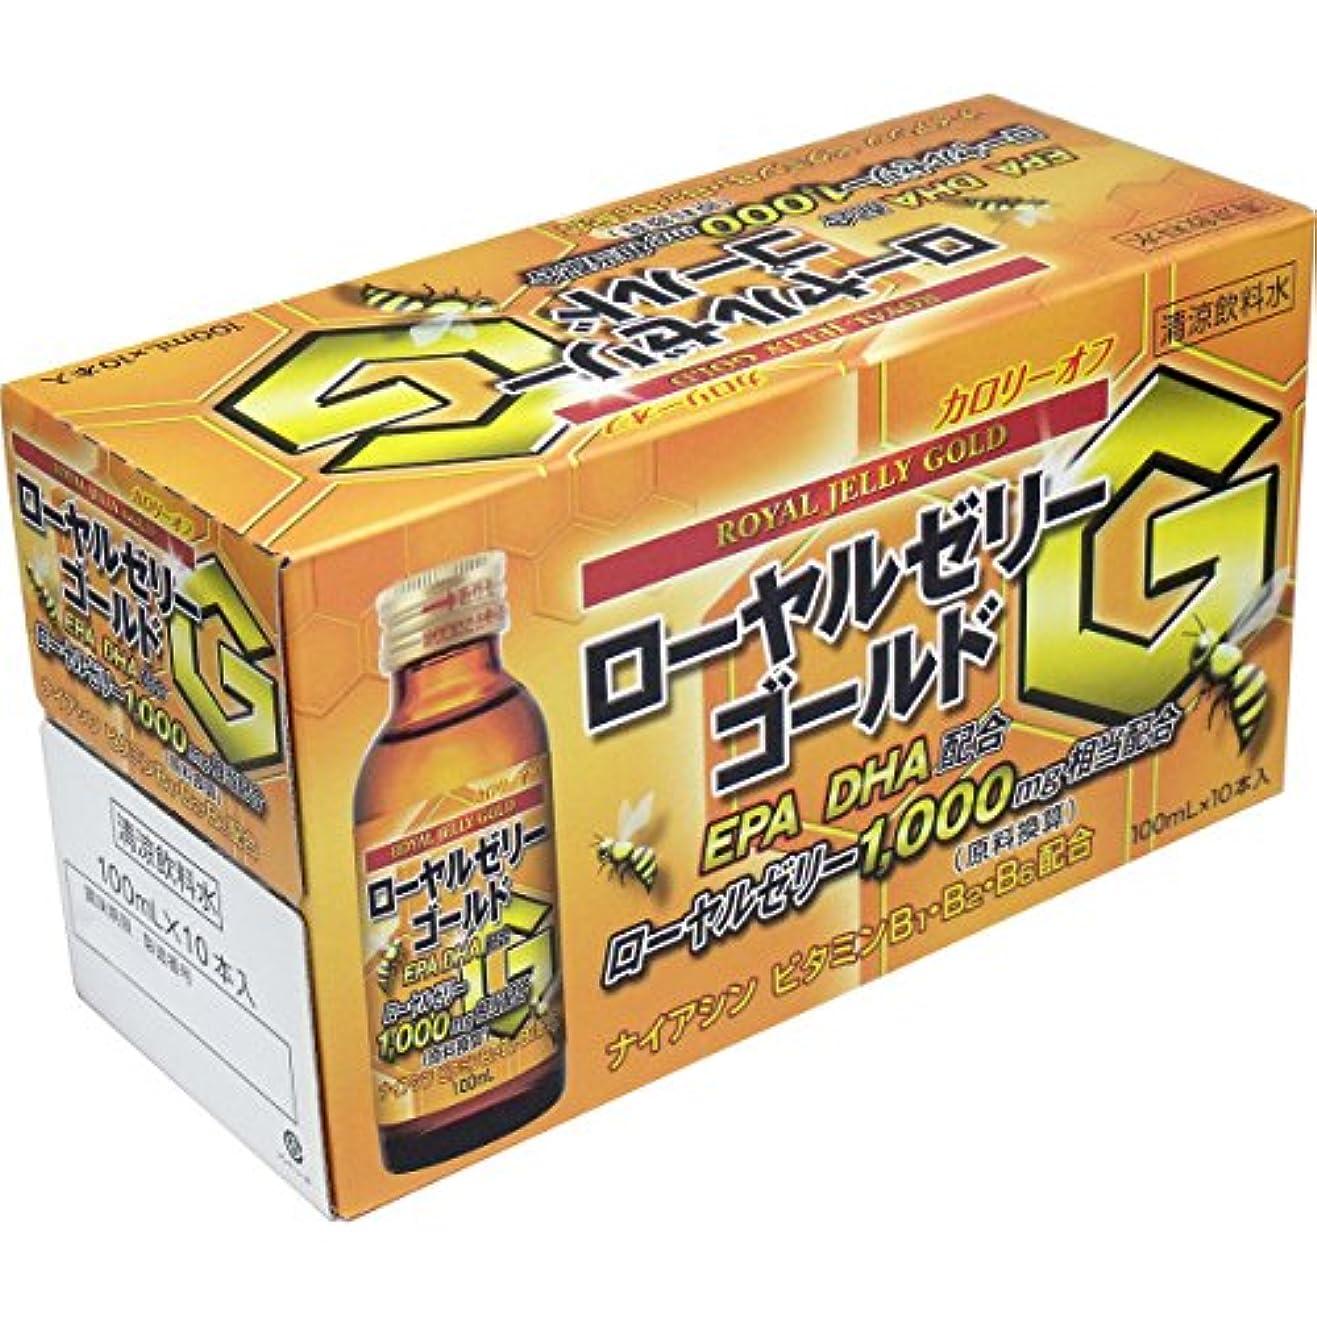 熱補助古いローヤルゼリー EPA?DHA配合 使いやすい ローヤルゼリーゴールド 100mL×10本入【1個セット】